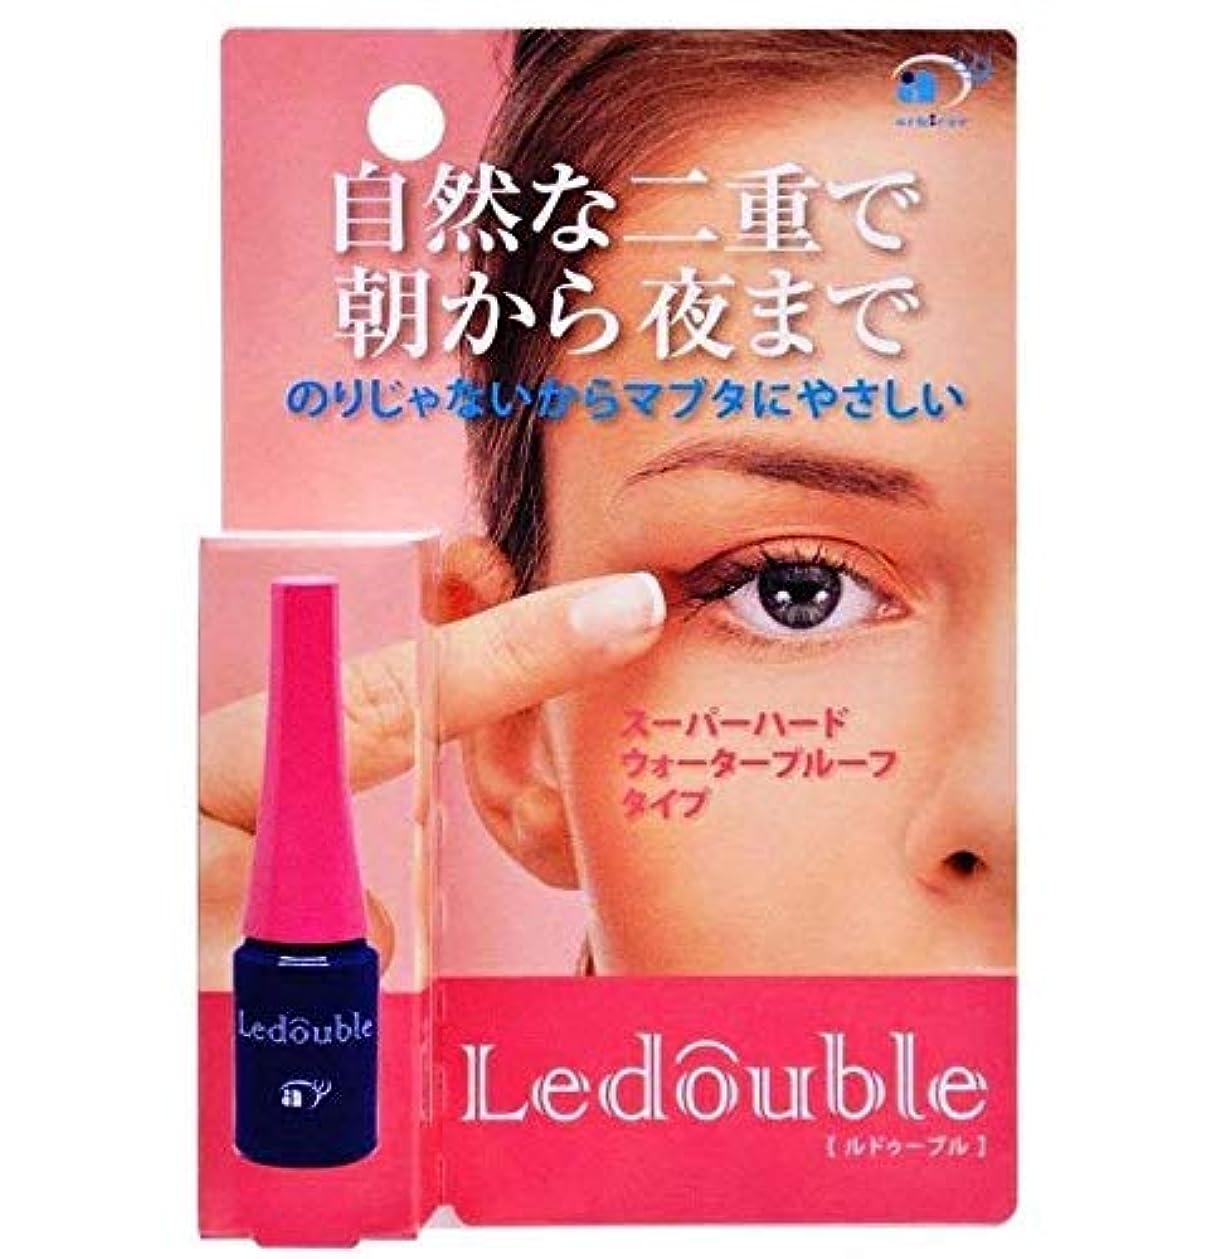 提案鋼敬の念ルドゥーブル 2mL 二重まぶた 化粧品